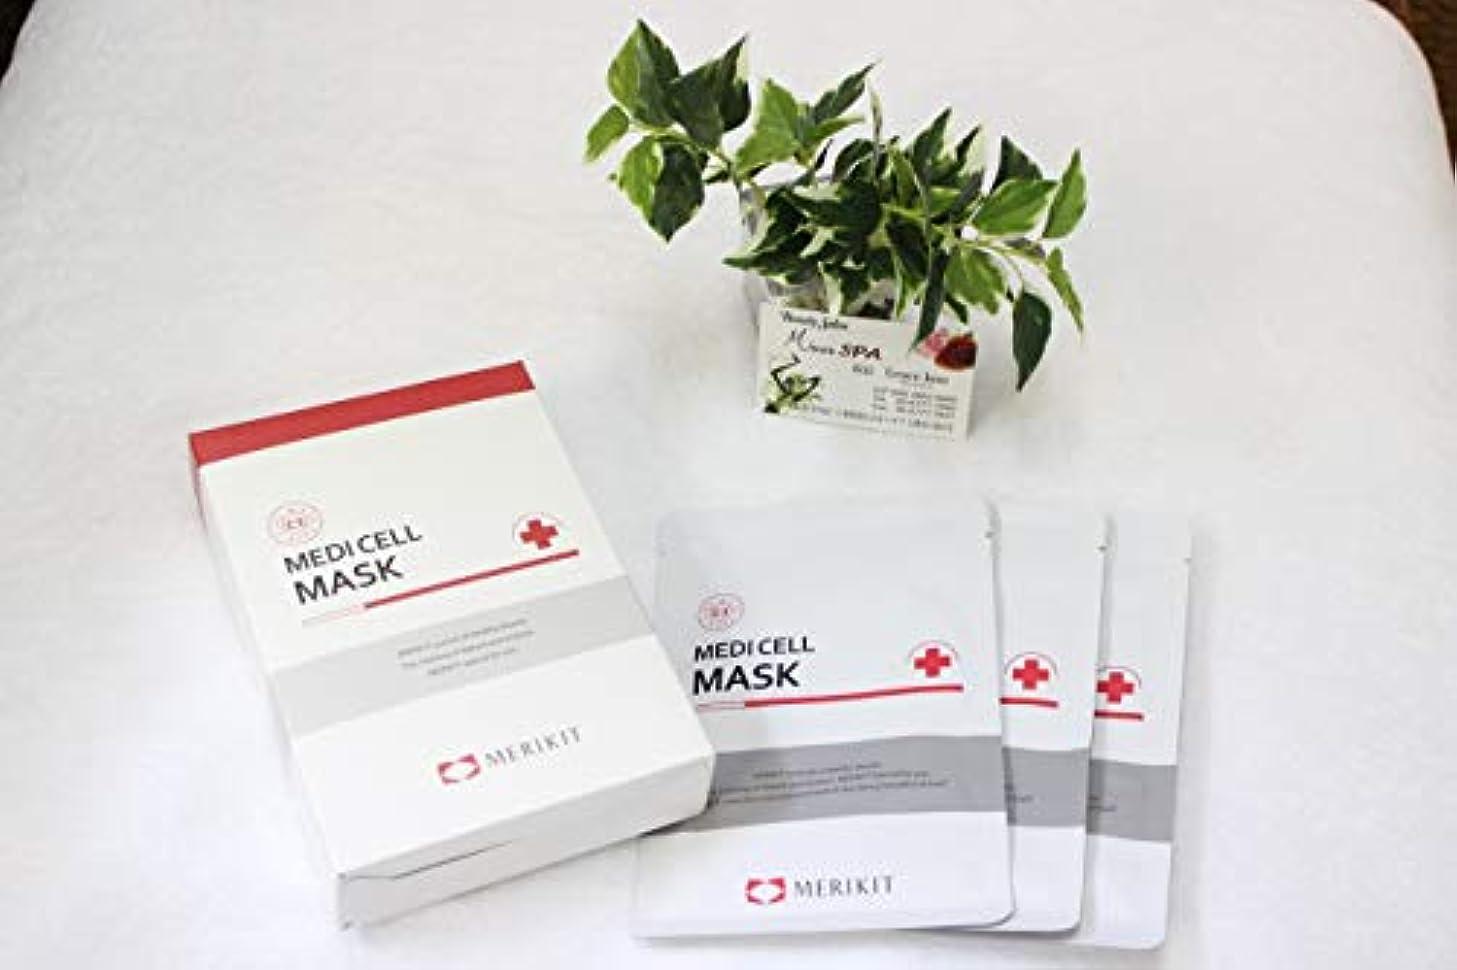 終わり更新する蘇生する[merikit]韓国製 エステサロン絶賛 medicell mask フェイスパック10枚